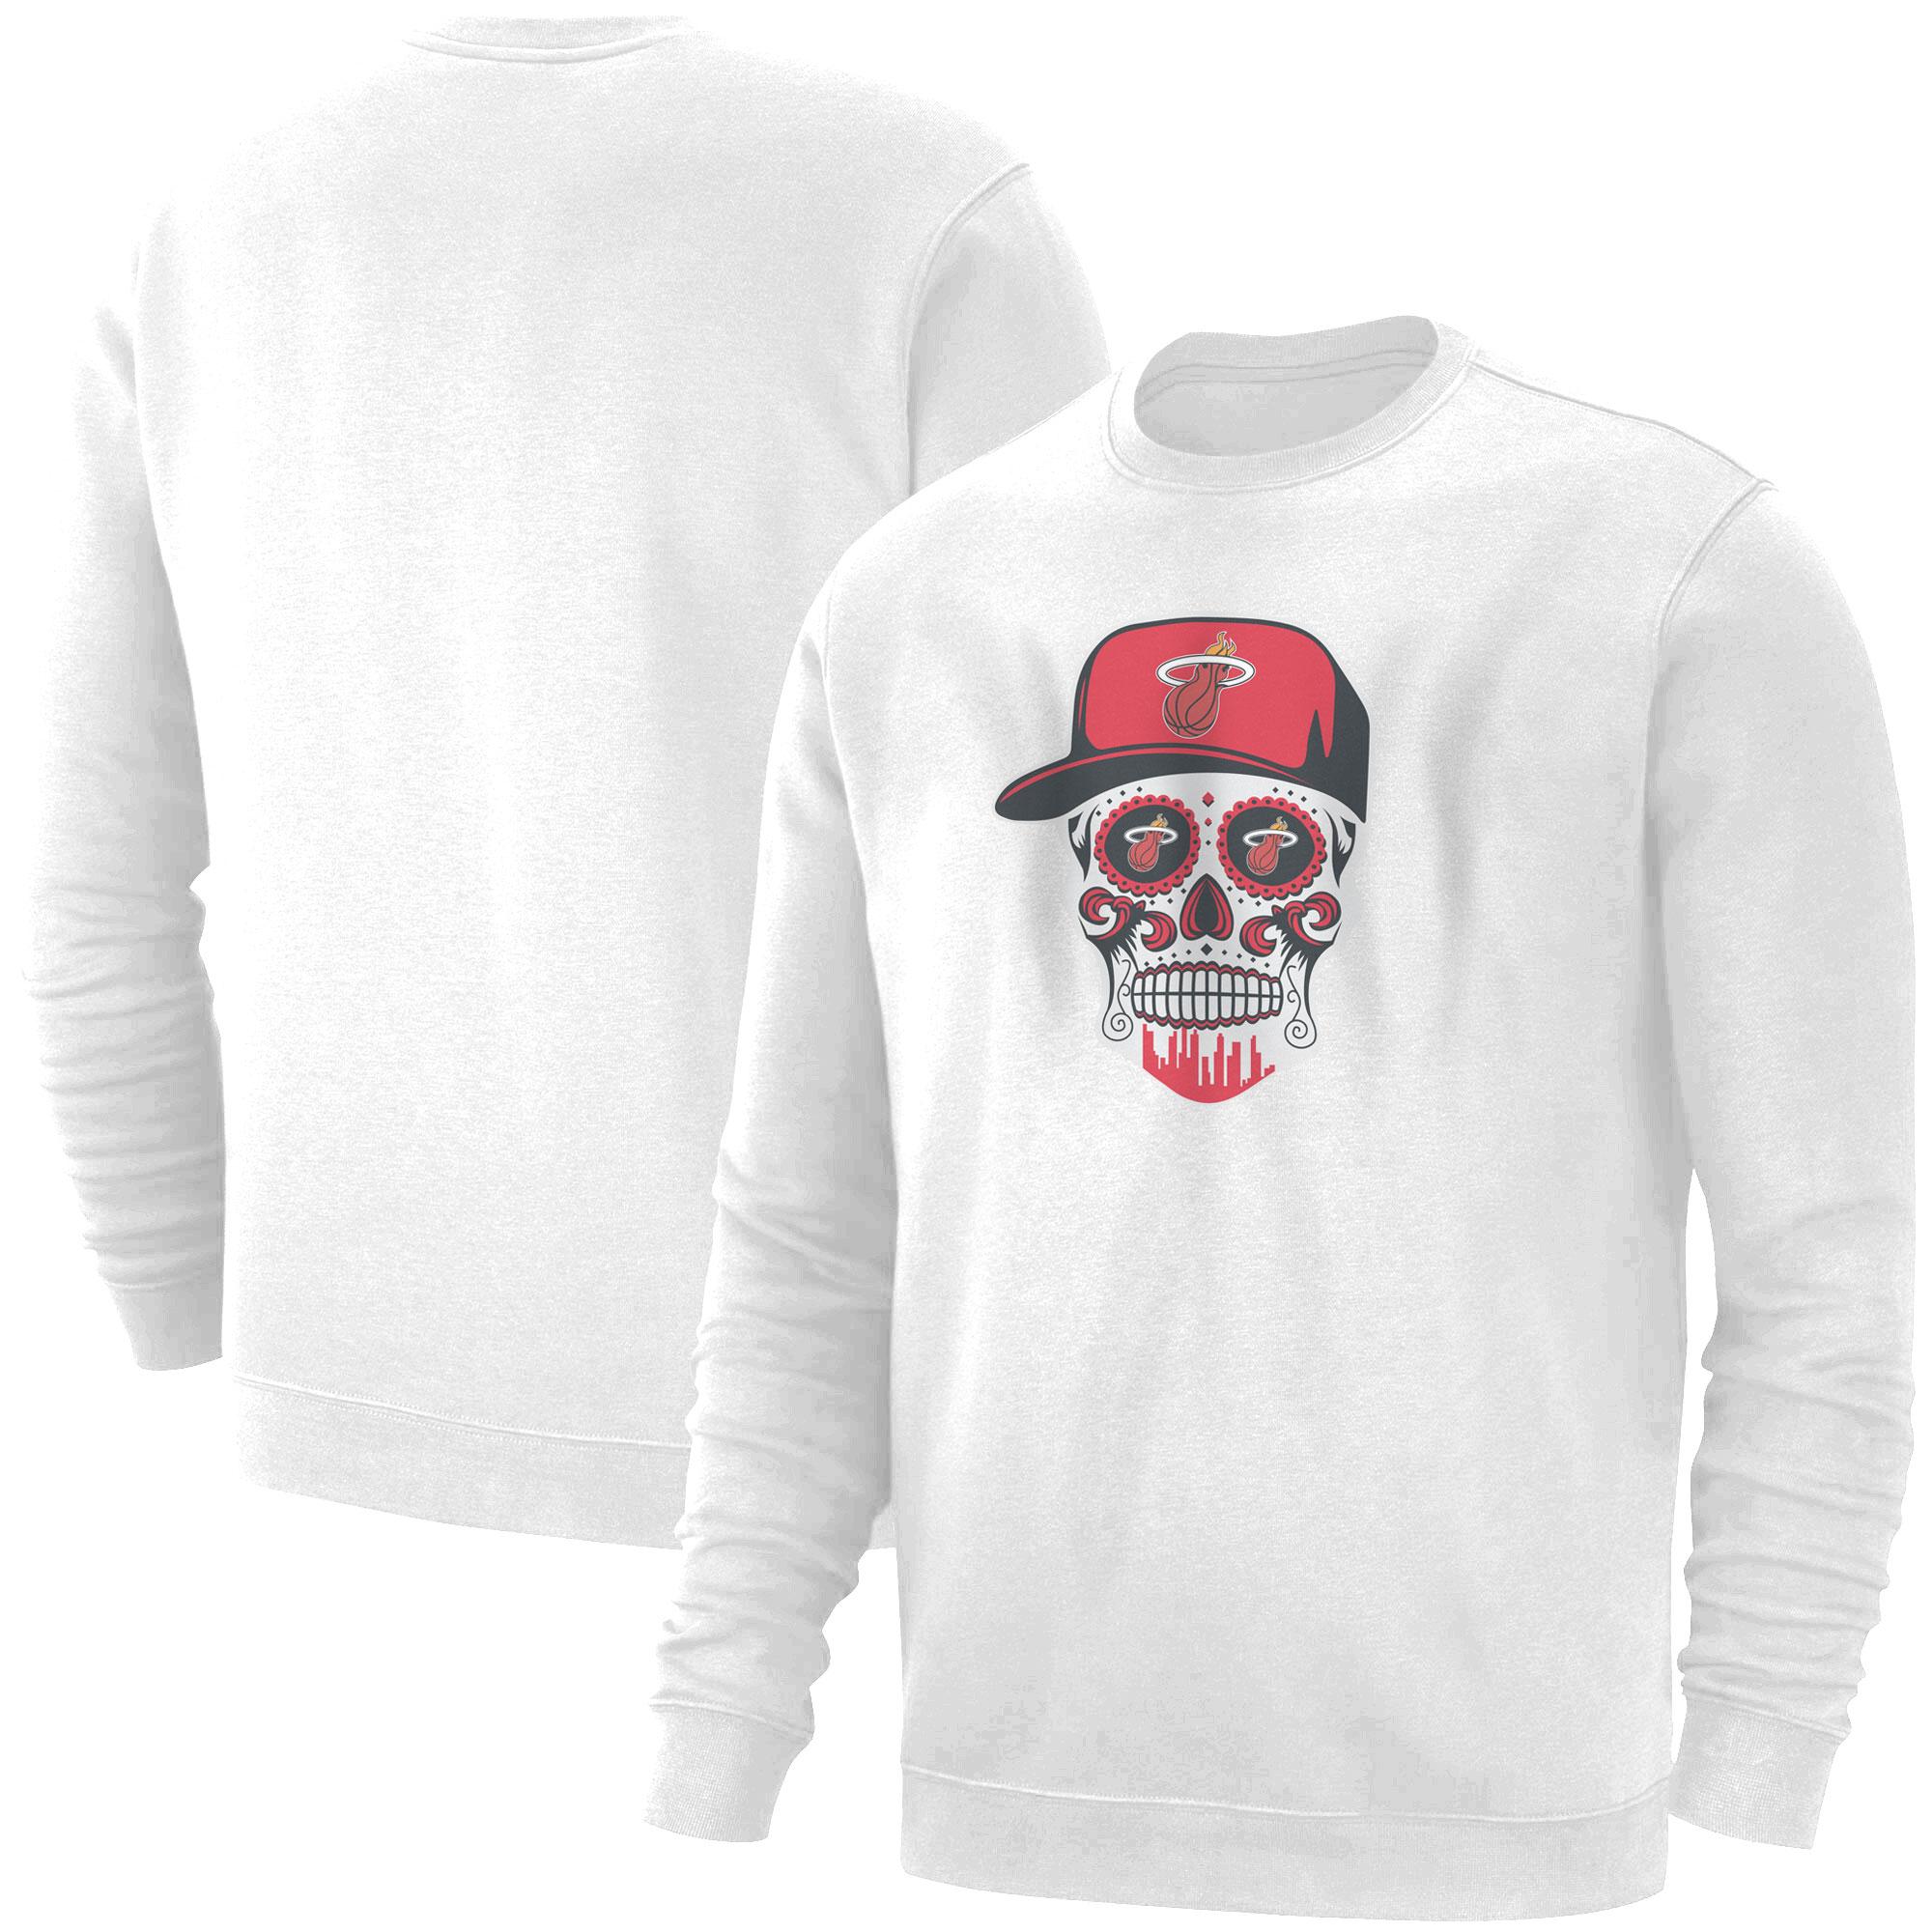 Heat Skull Basic (BSC-WHT-NP-456-NBA-MIAMI-SKULL)